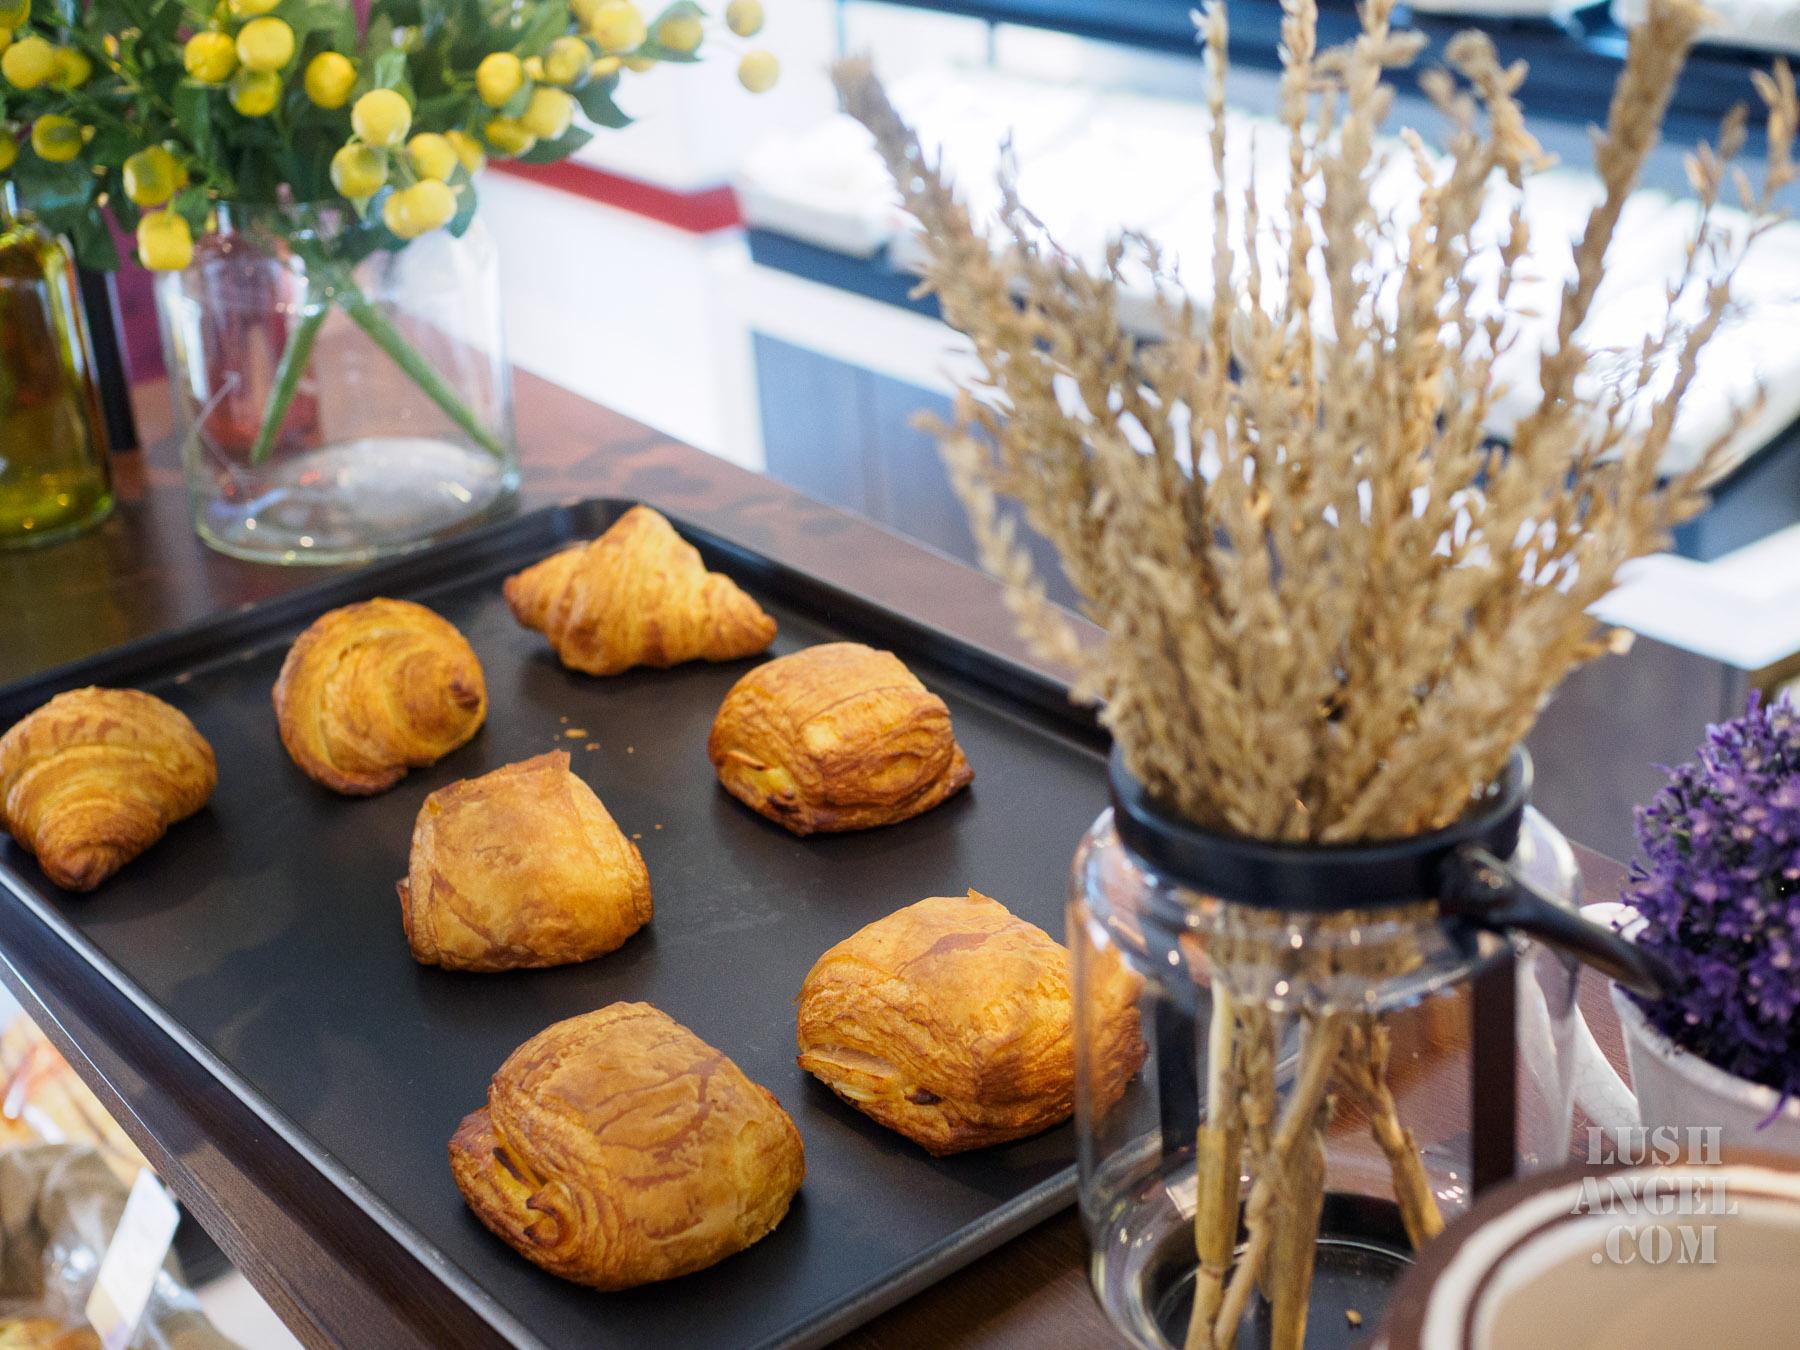 boulangerie22-croissants